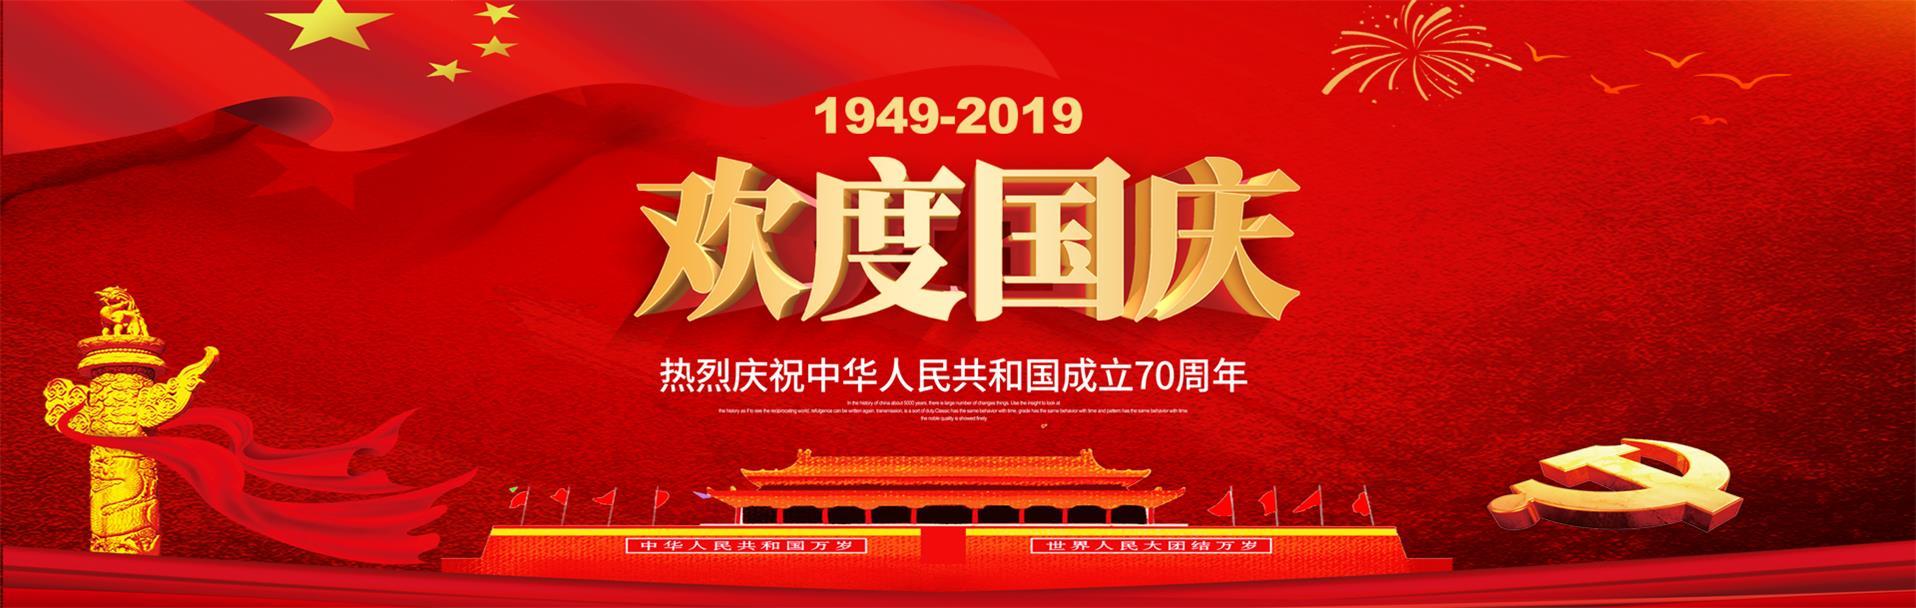 热烈祝贺中华人民共和国成立70周年